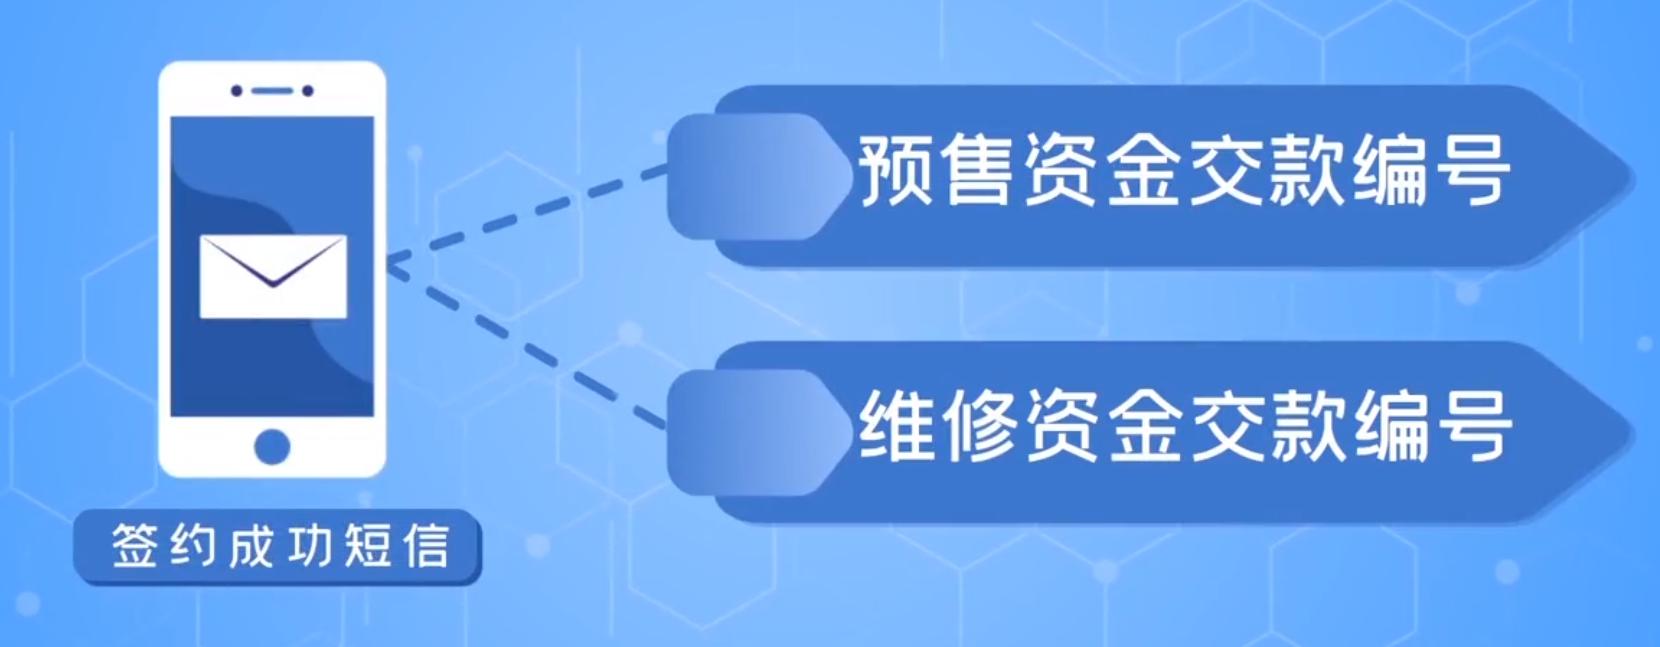 贵阳买房如何做到安全有保障?这些事项一定要注意-中国网地产